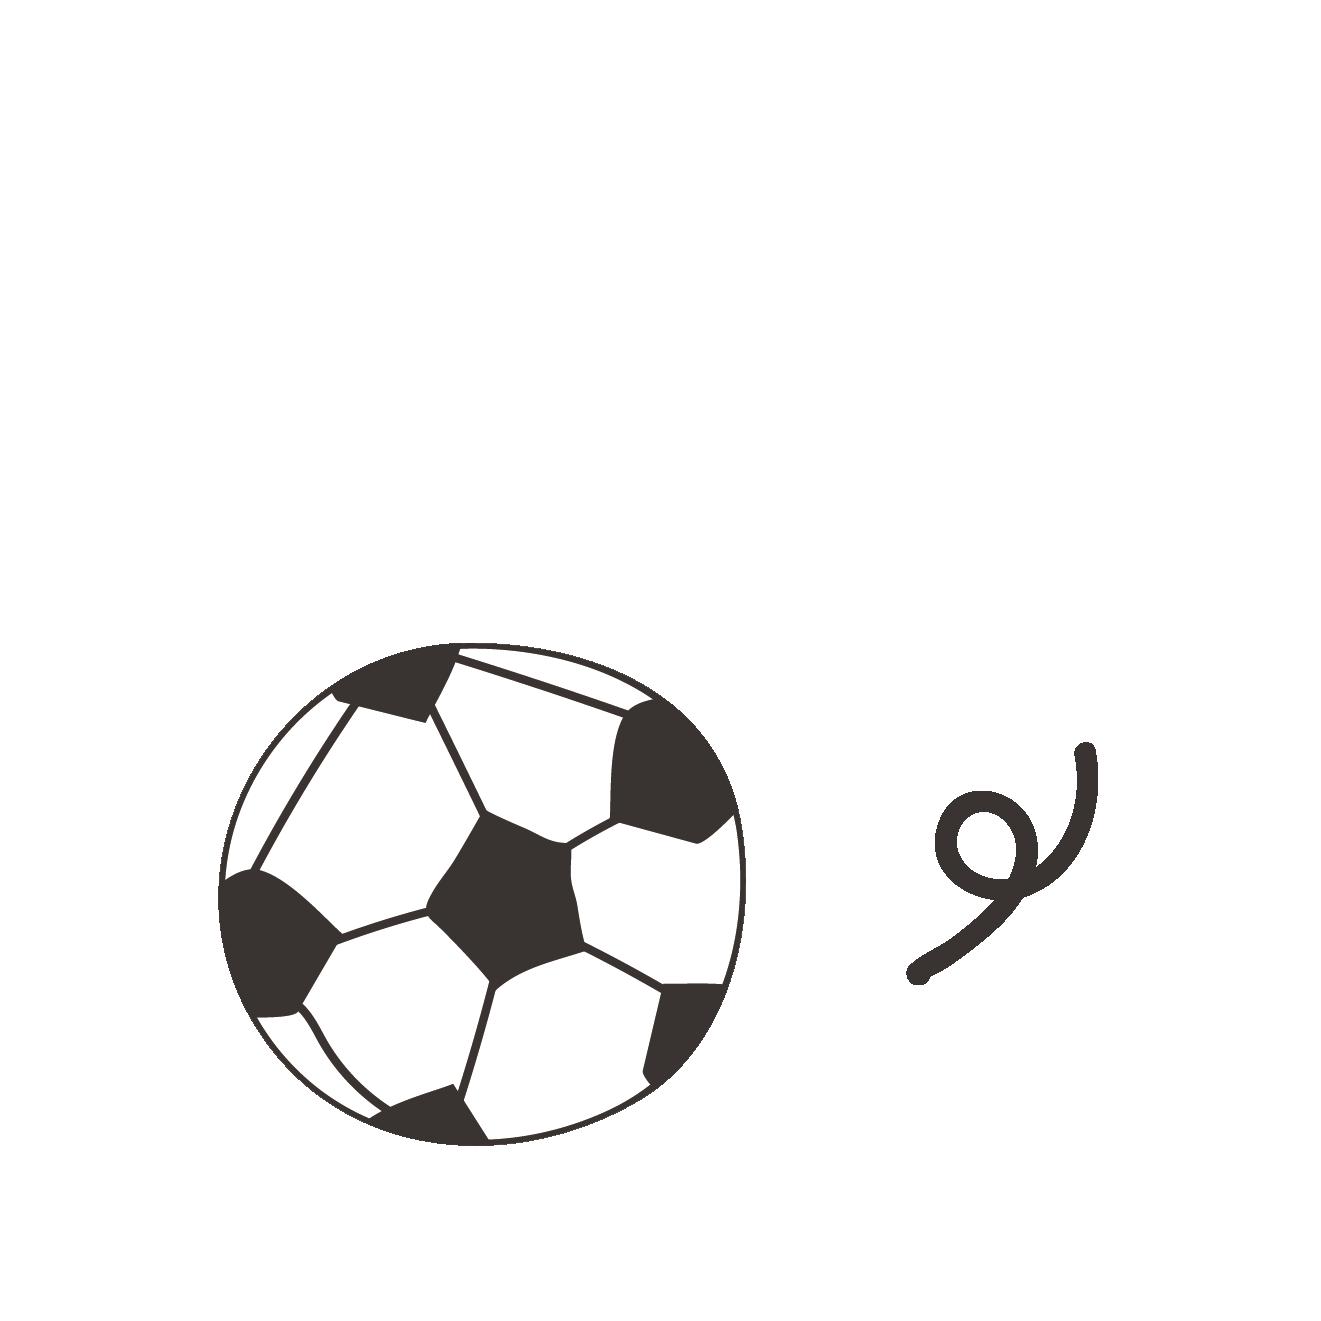 サッカーボールの手描き風タッチの 無料 イラストスポーツ 商用